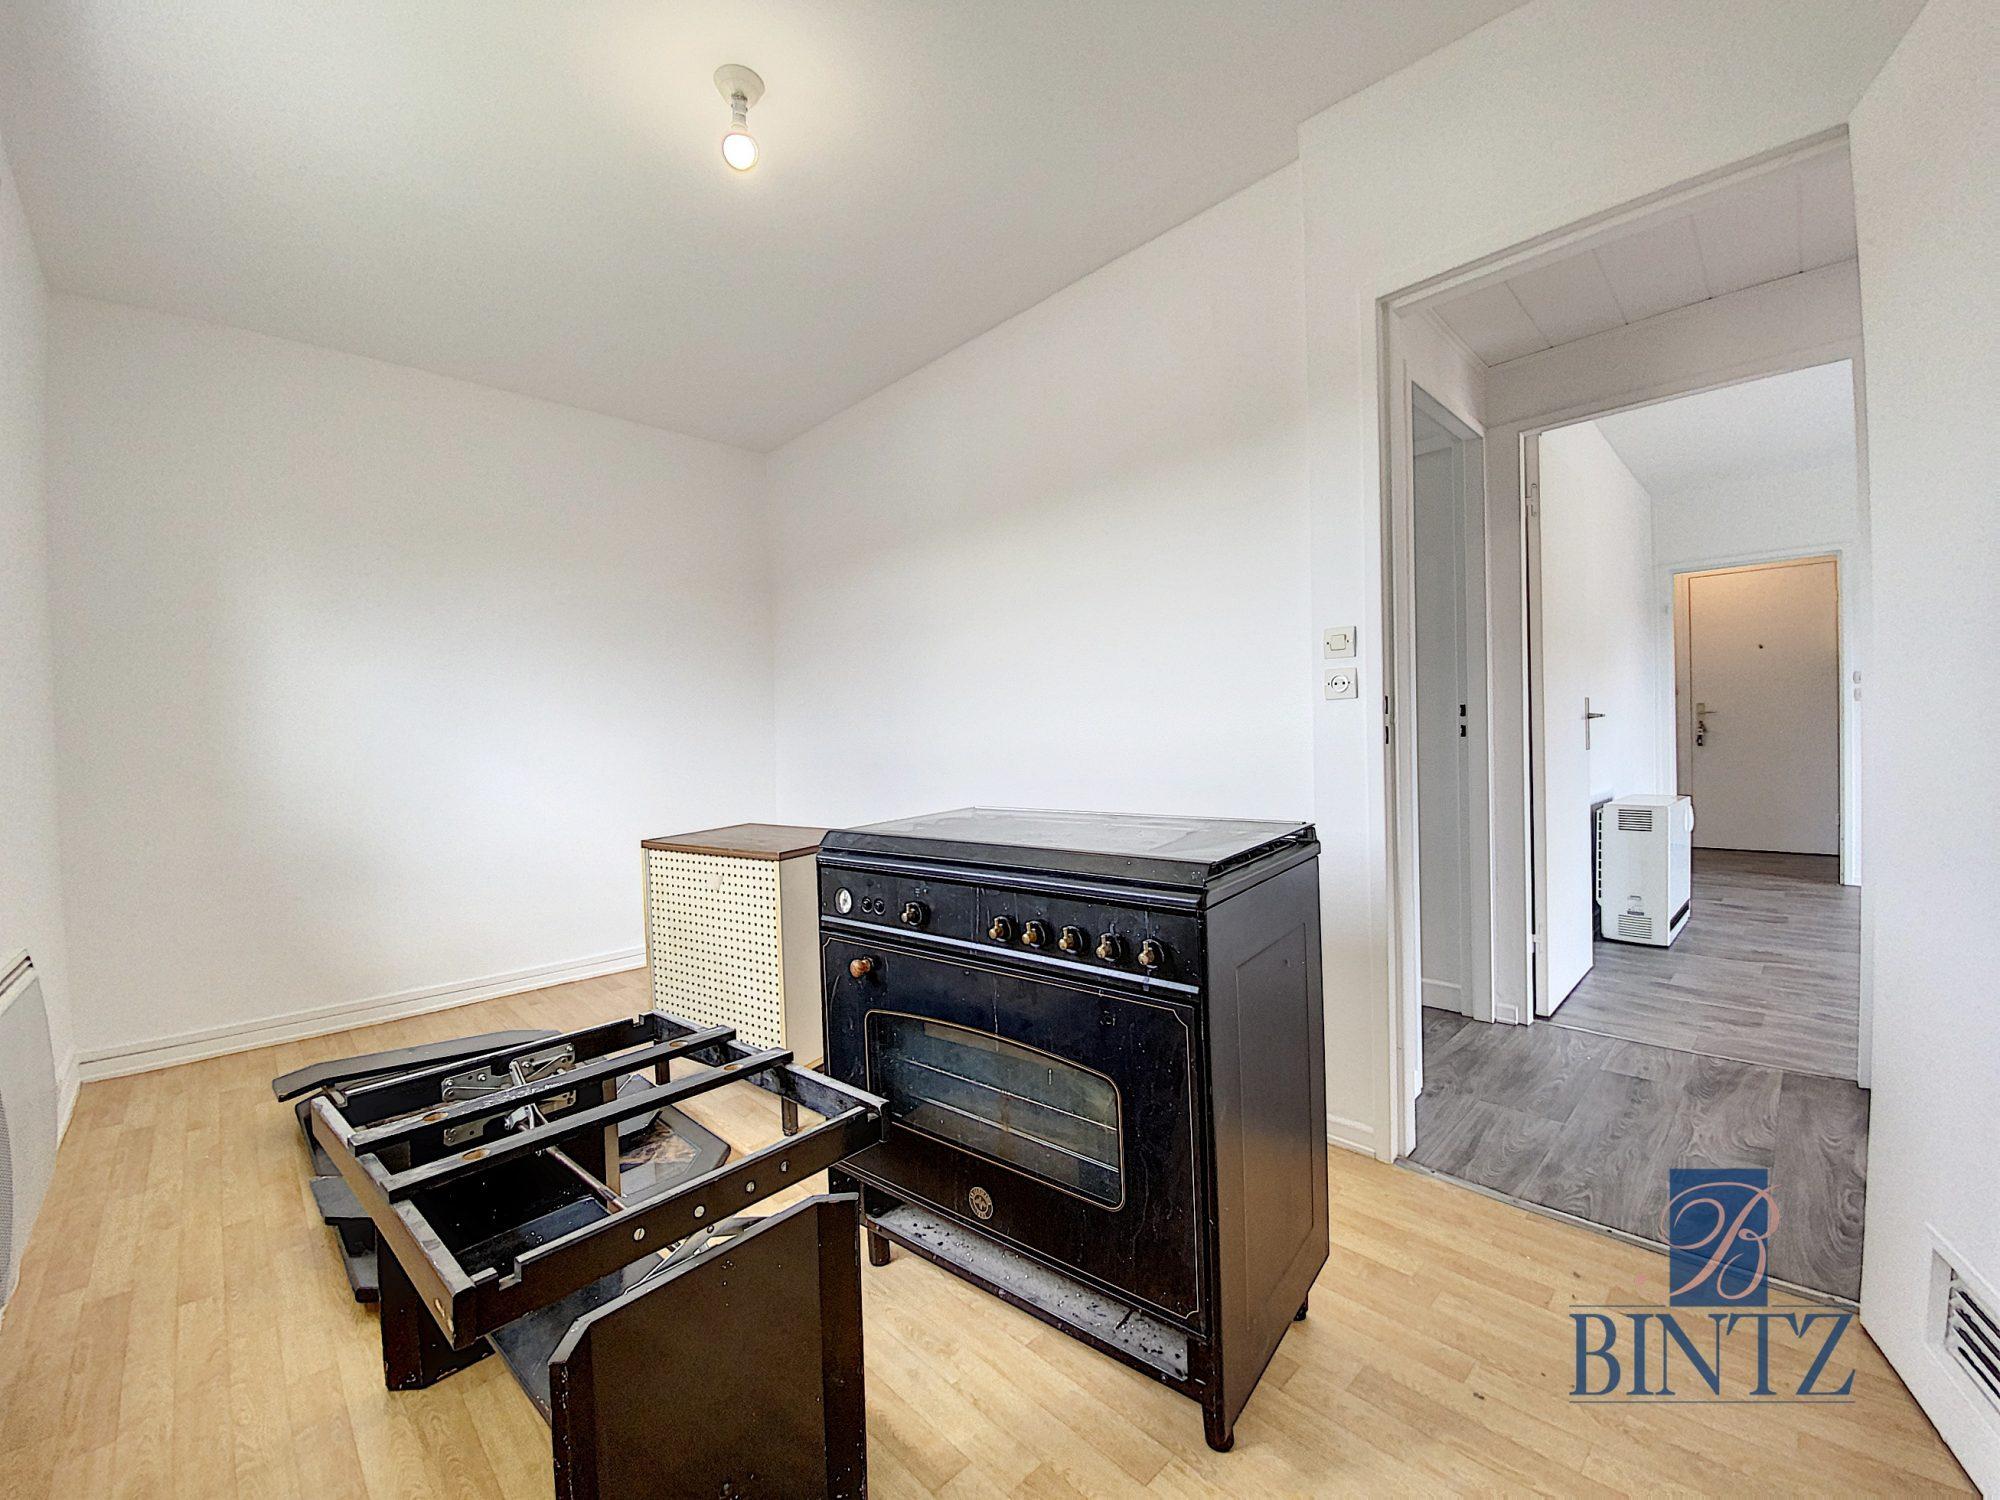 4P MUSAU 4 RIMBACH - Devenez locataire en toute sérénité - Bintz Immobilier - 4